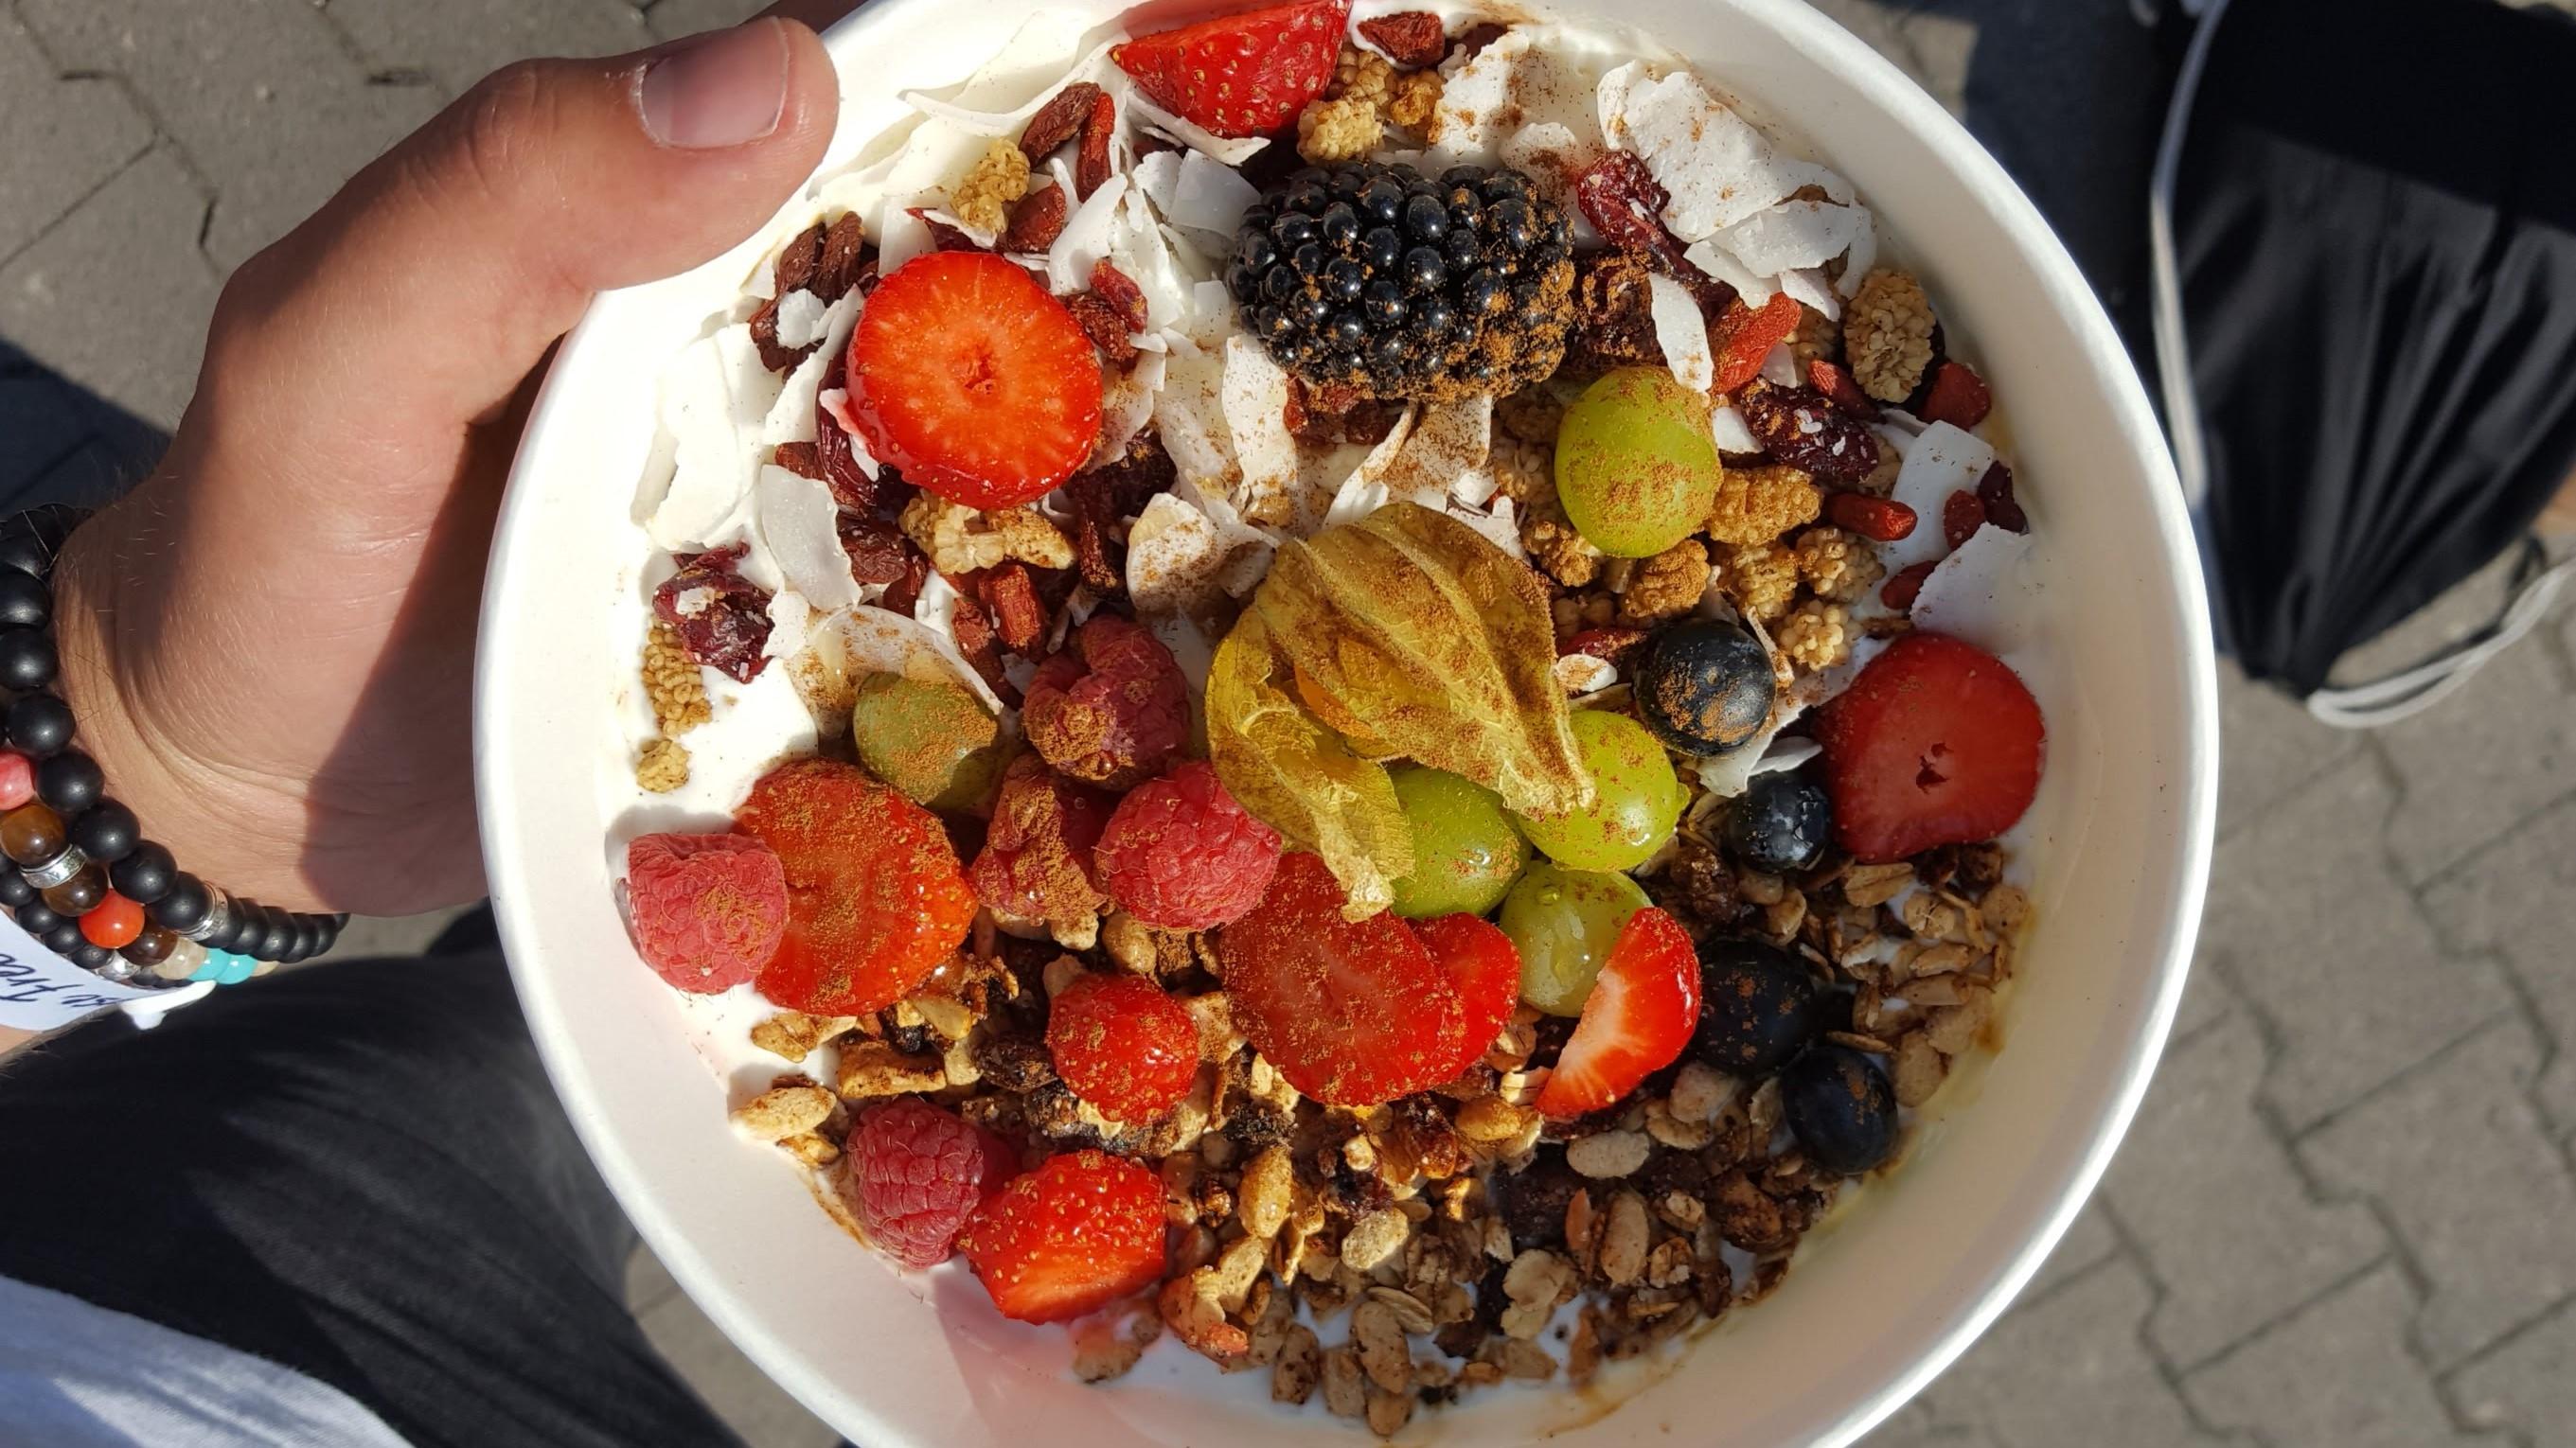 Frühstück Special Berlin. Milch & Zucker. Power Müsli Schale. Frische Früchte, Nüsse, Agavendicksaft, Soja-, Hafer- oder Mandelmilch.